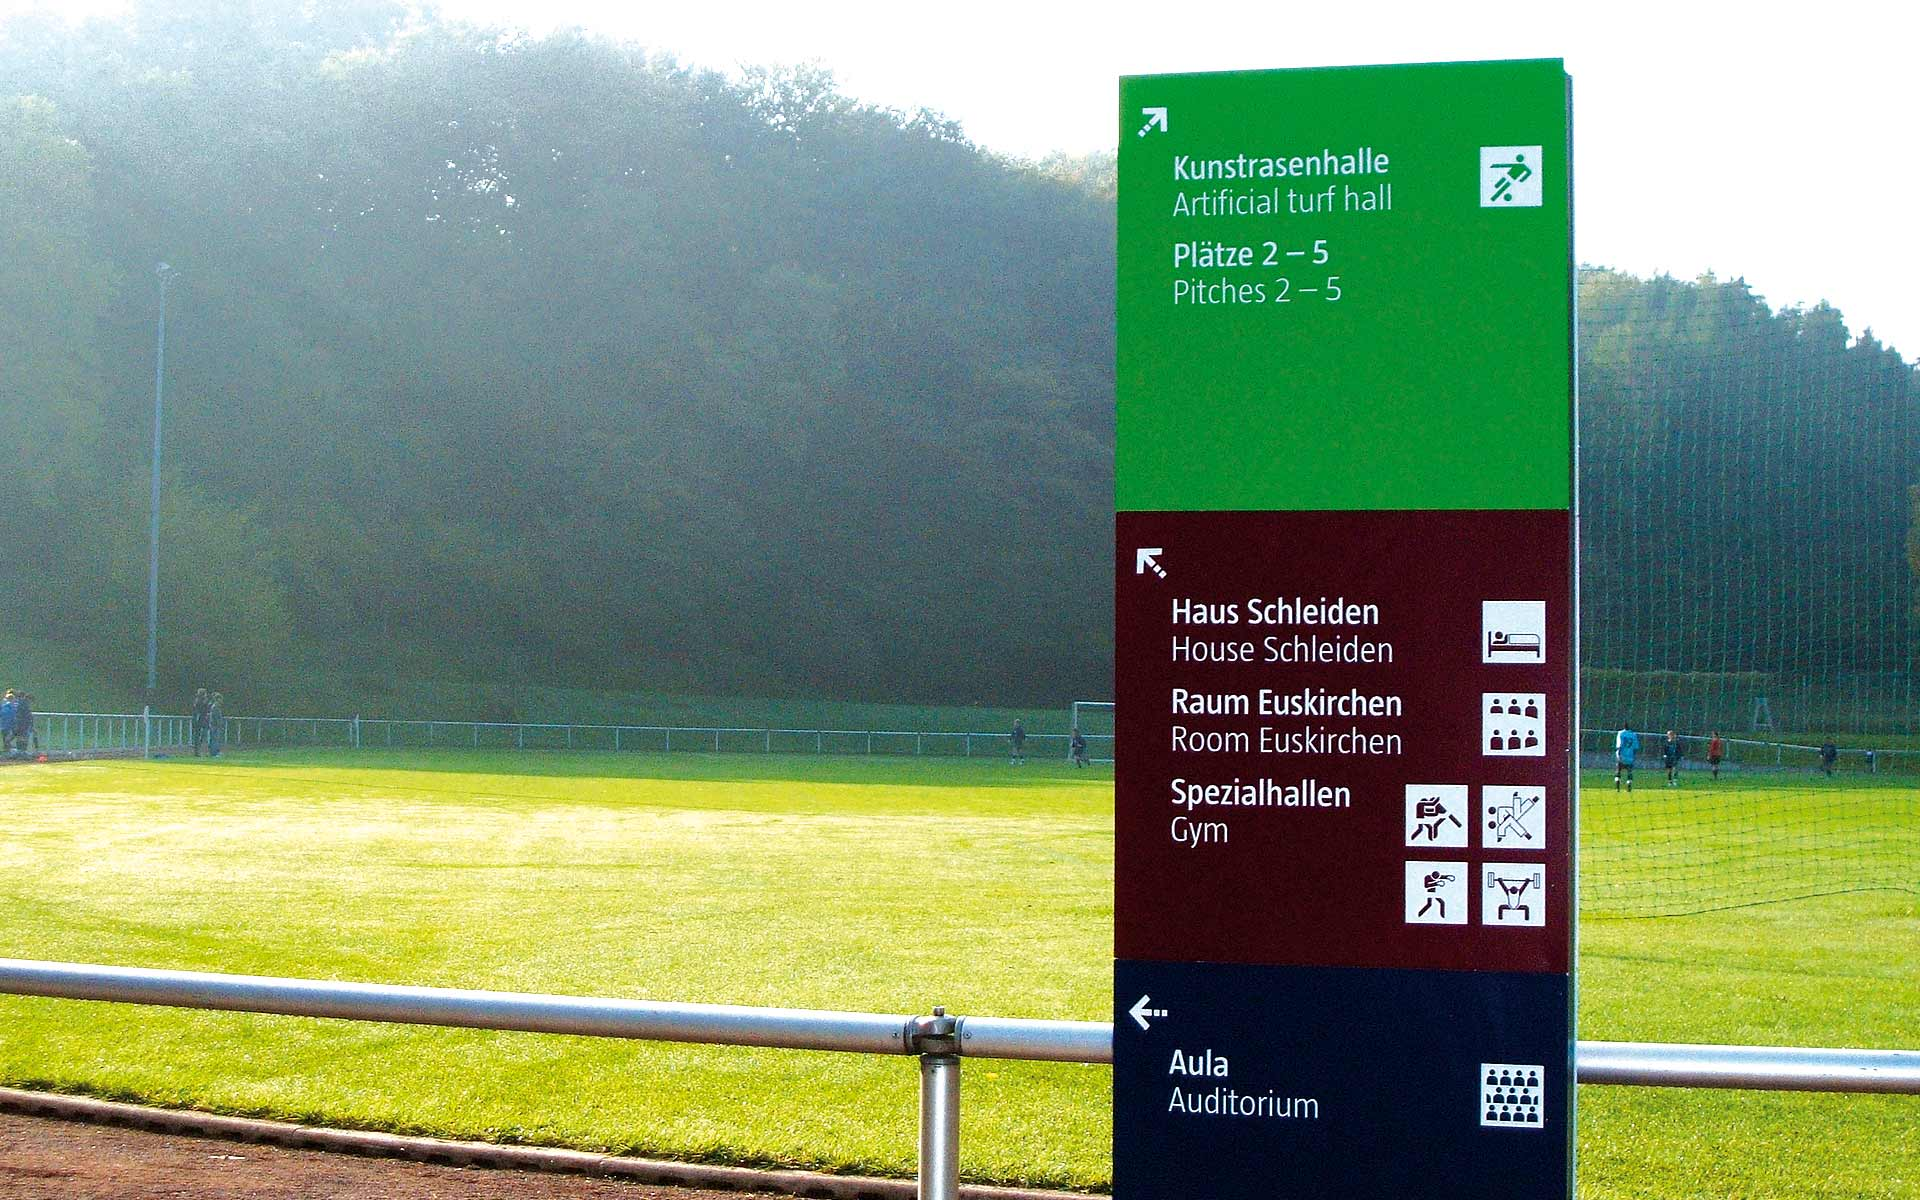 Sportschule-Hennef Orientierungssystem, Pylon, Beschriftung